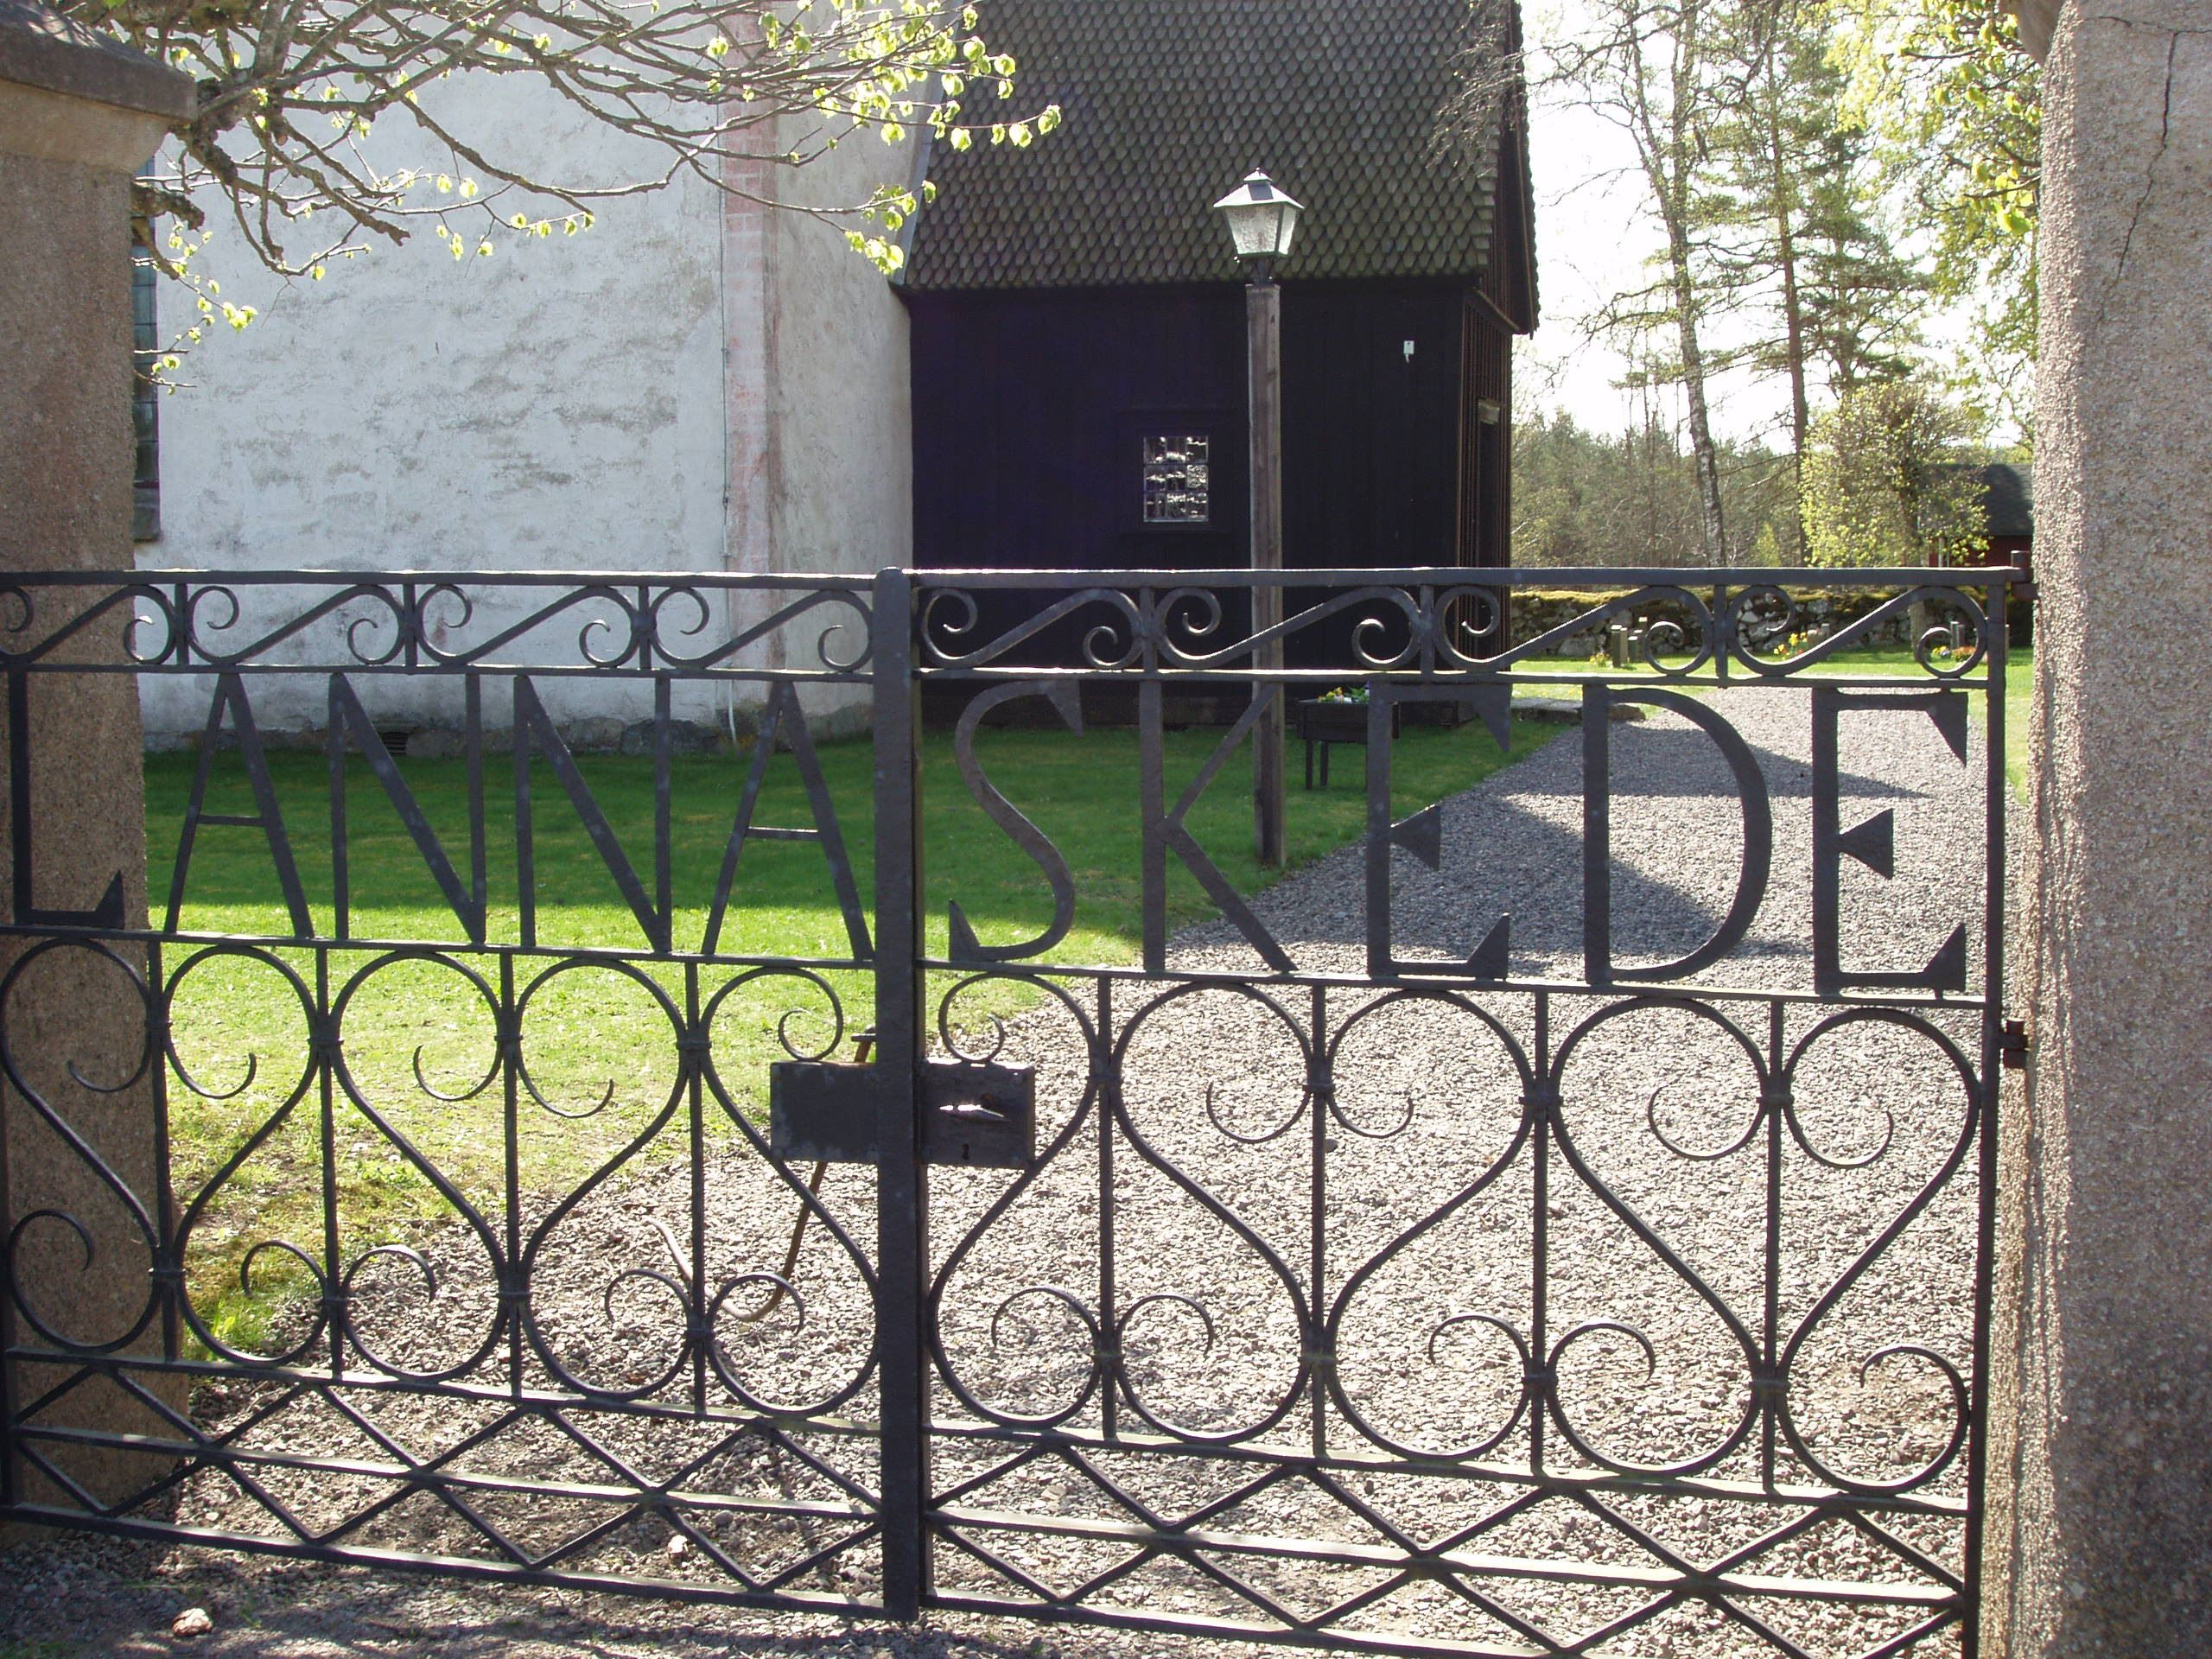 © Vetlanda Turistbyrå, Lannaskede gamla kyrka